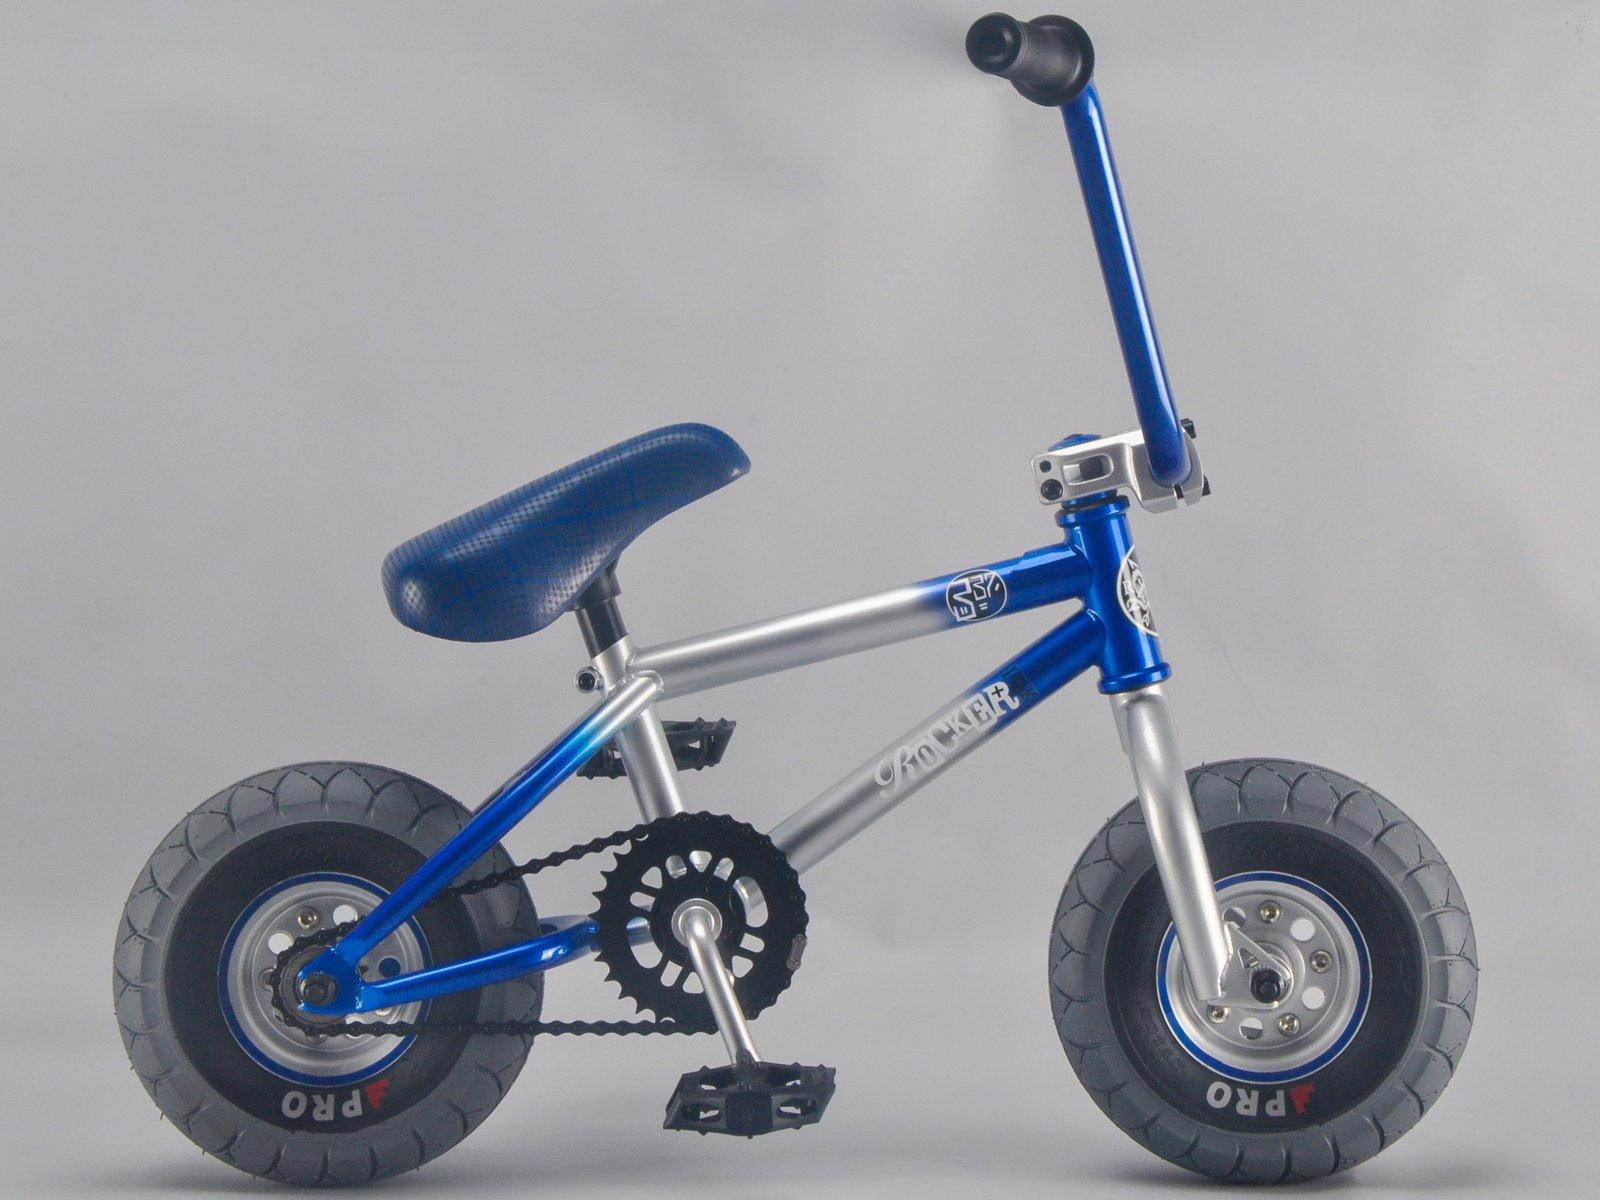 Rocker BMX Mini BMX Bike iROK+ 337 RKR